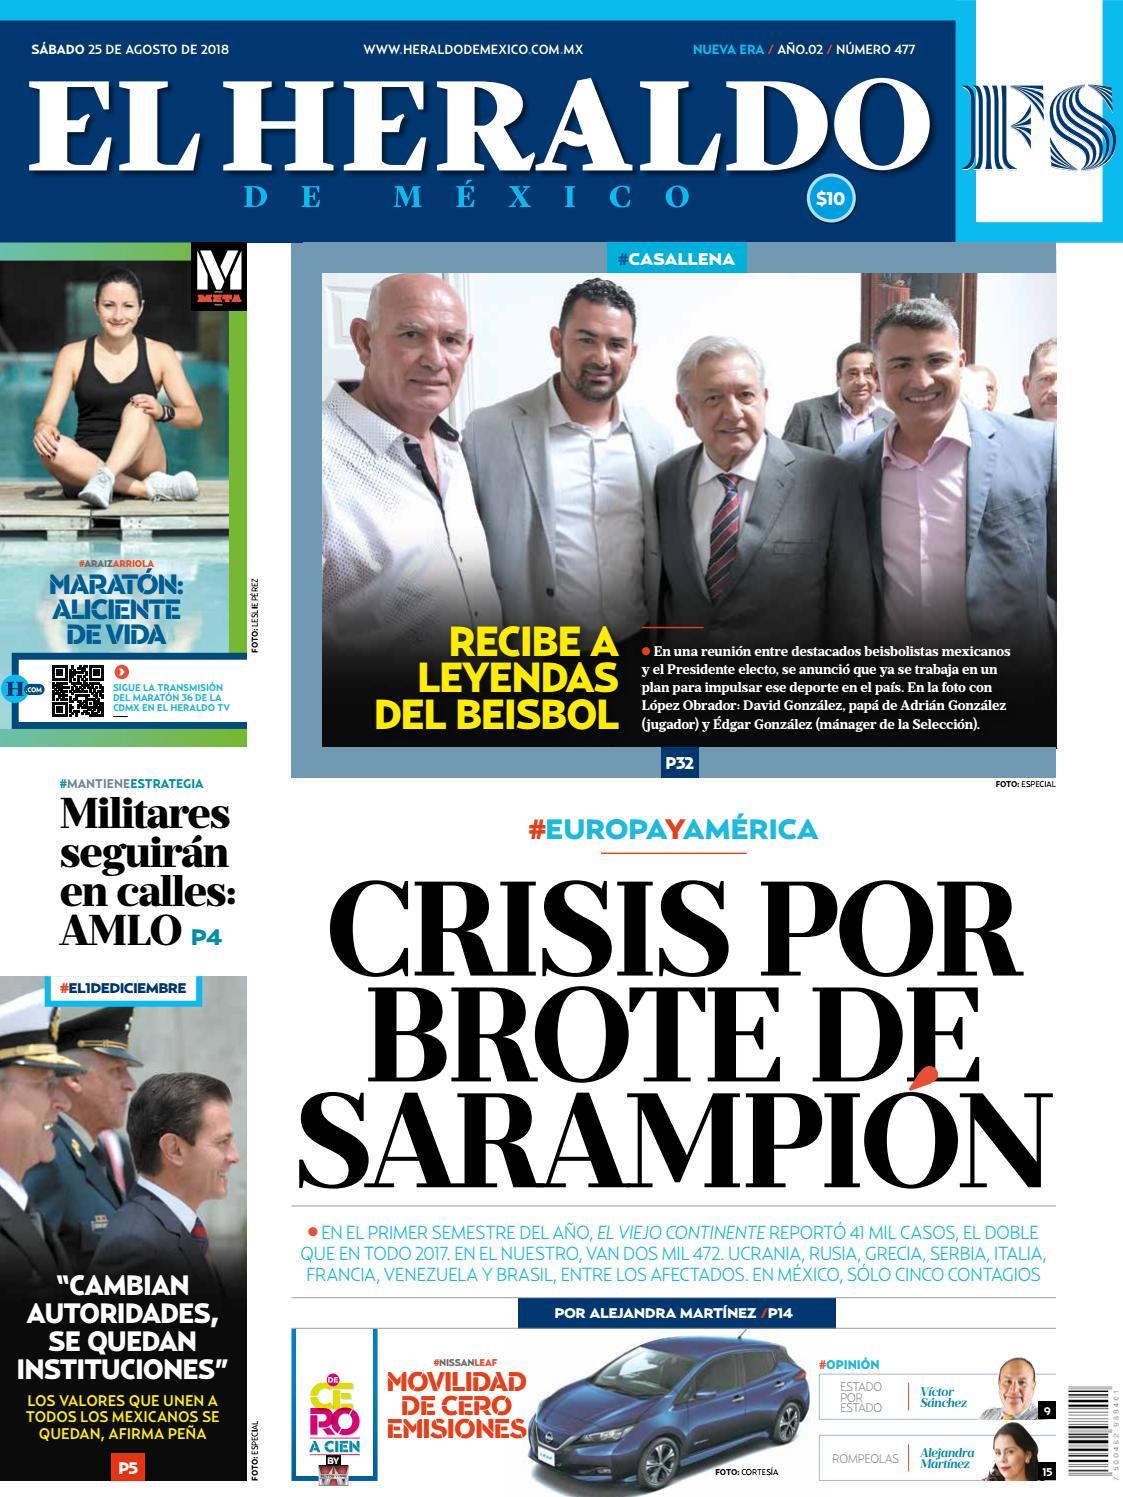 El Heraldo 25 de agosto de 2018 by El Heraldo de México - issuu eb5a8c858562a